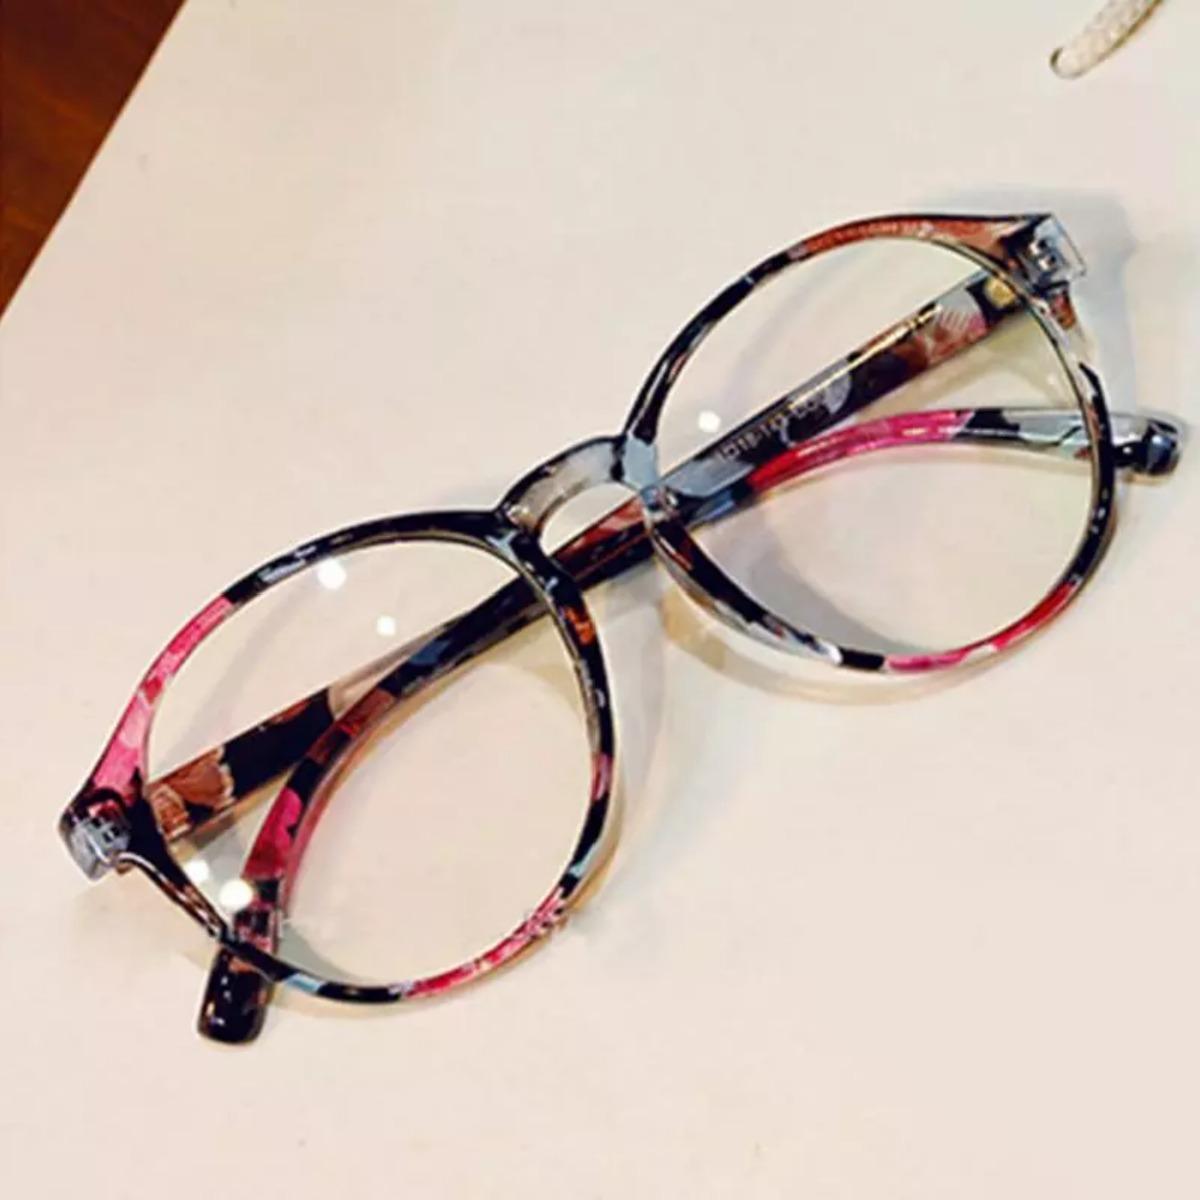 f933f377f05be armação óculos de grau estampado retrô vintage fashion moda. Carregando  zoom.